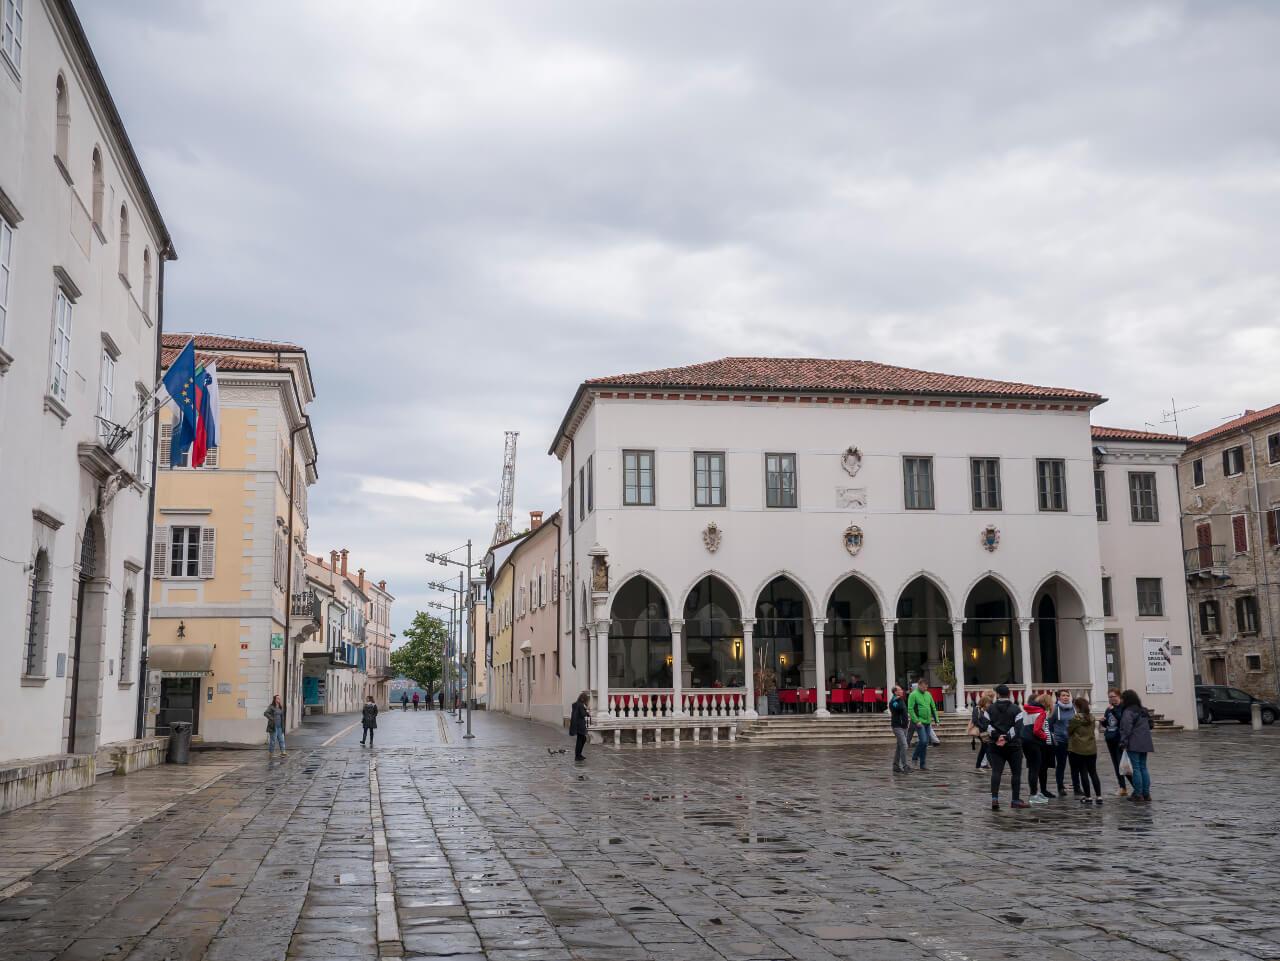 Plac Tita w Koprze (Słowenia)